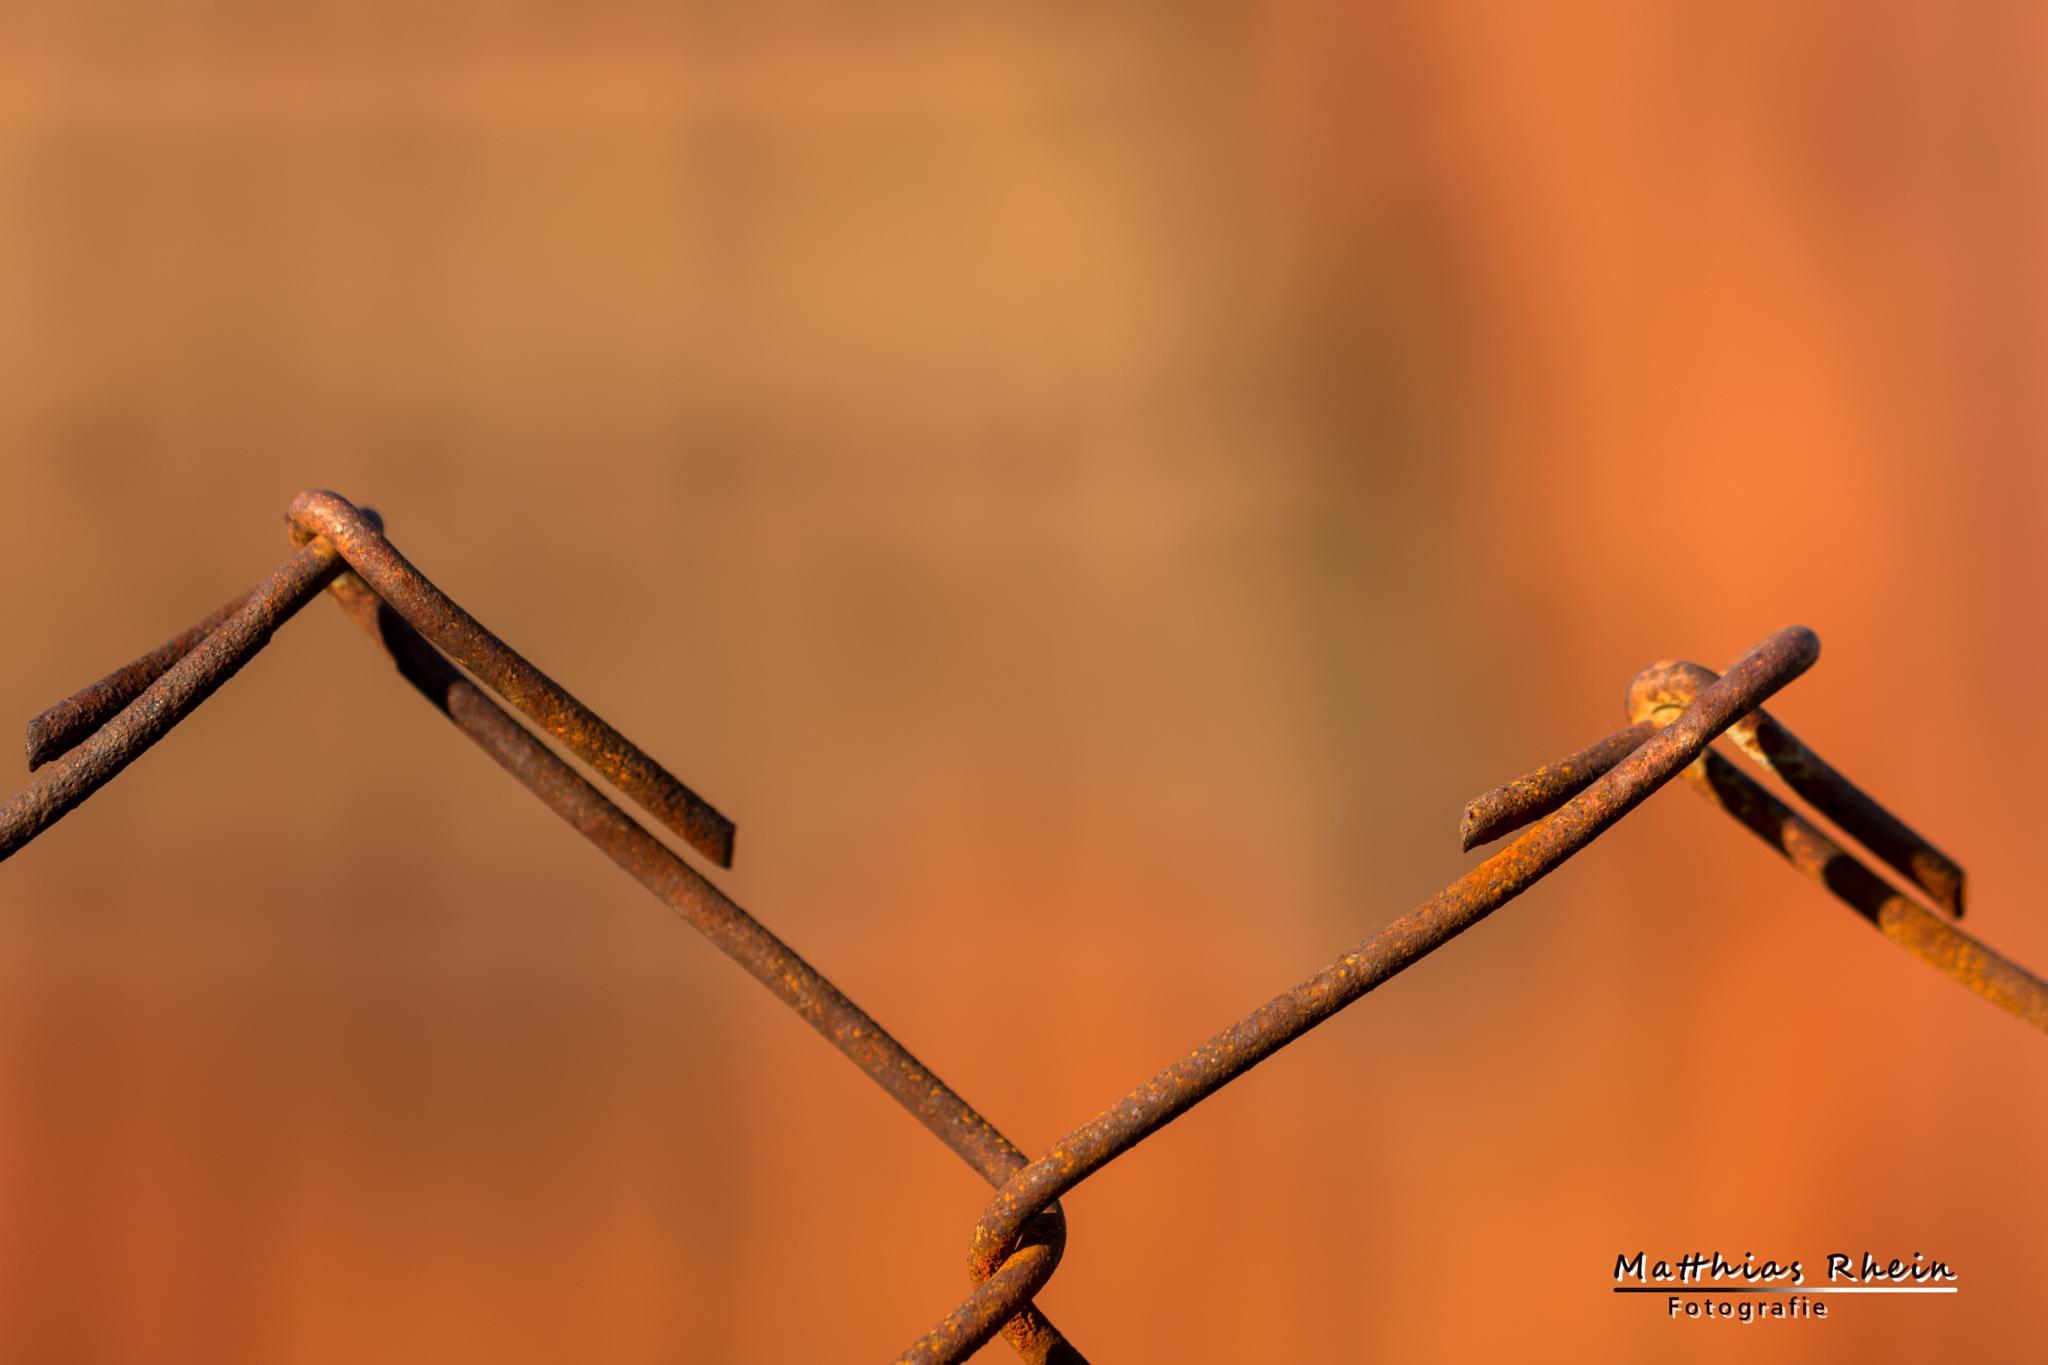 evening rust by MatthiasRhein